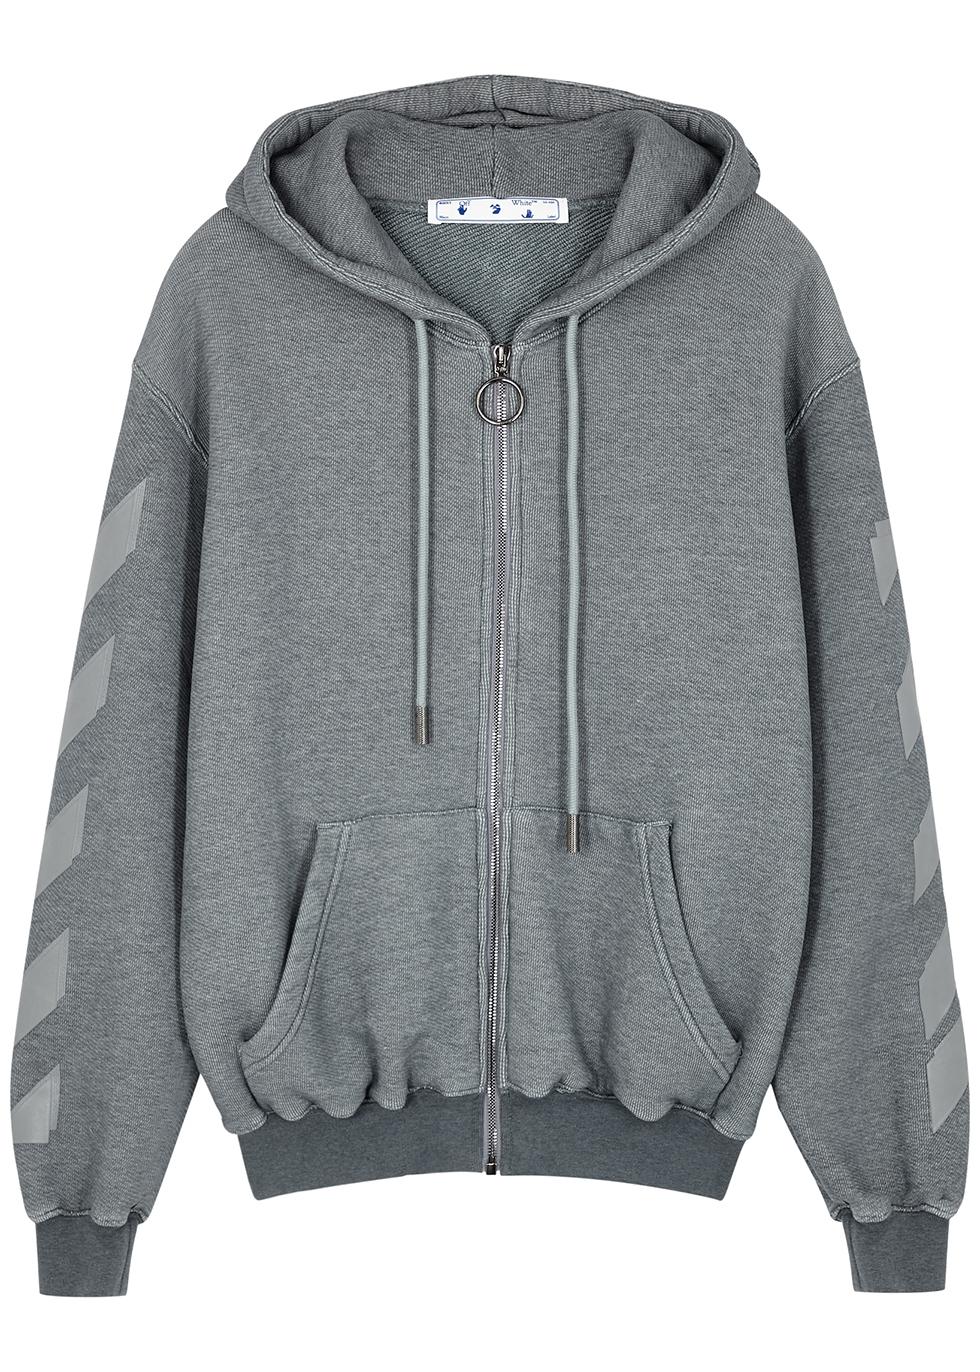 Arrows grey hooded cotton-blend sweatshirt